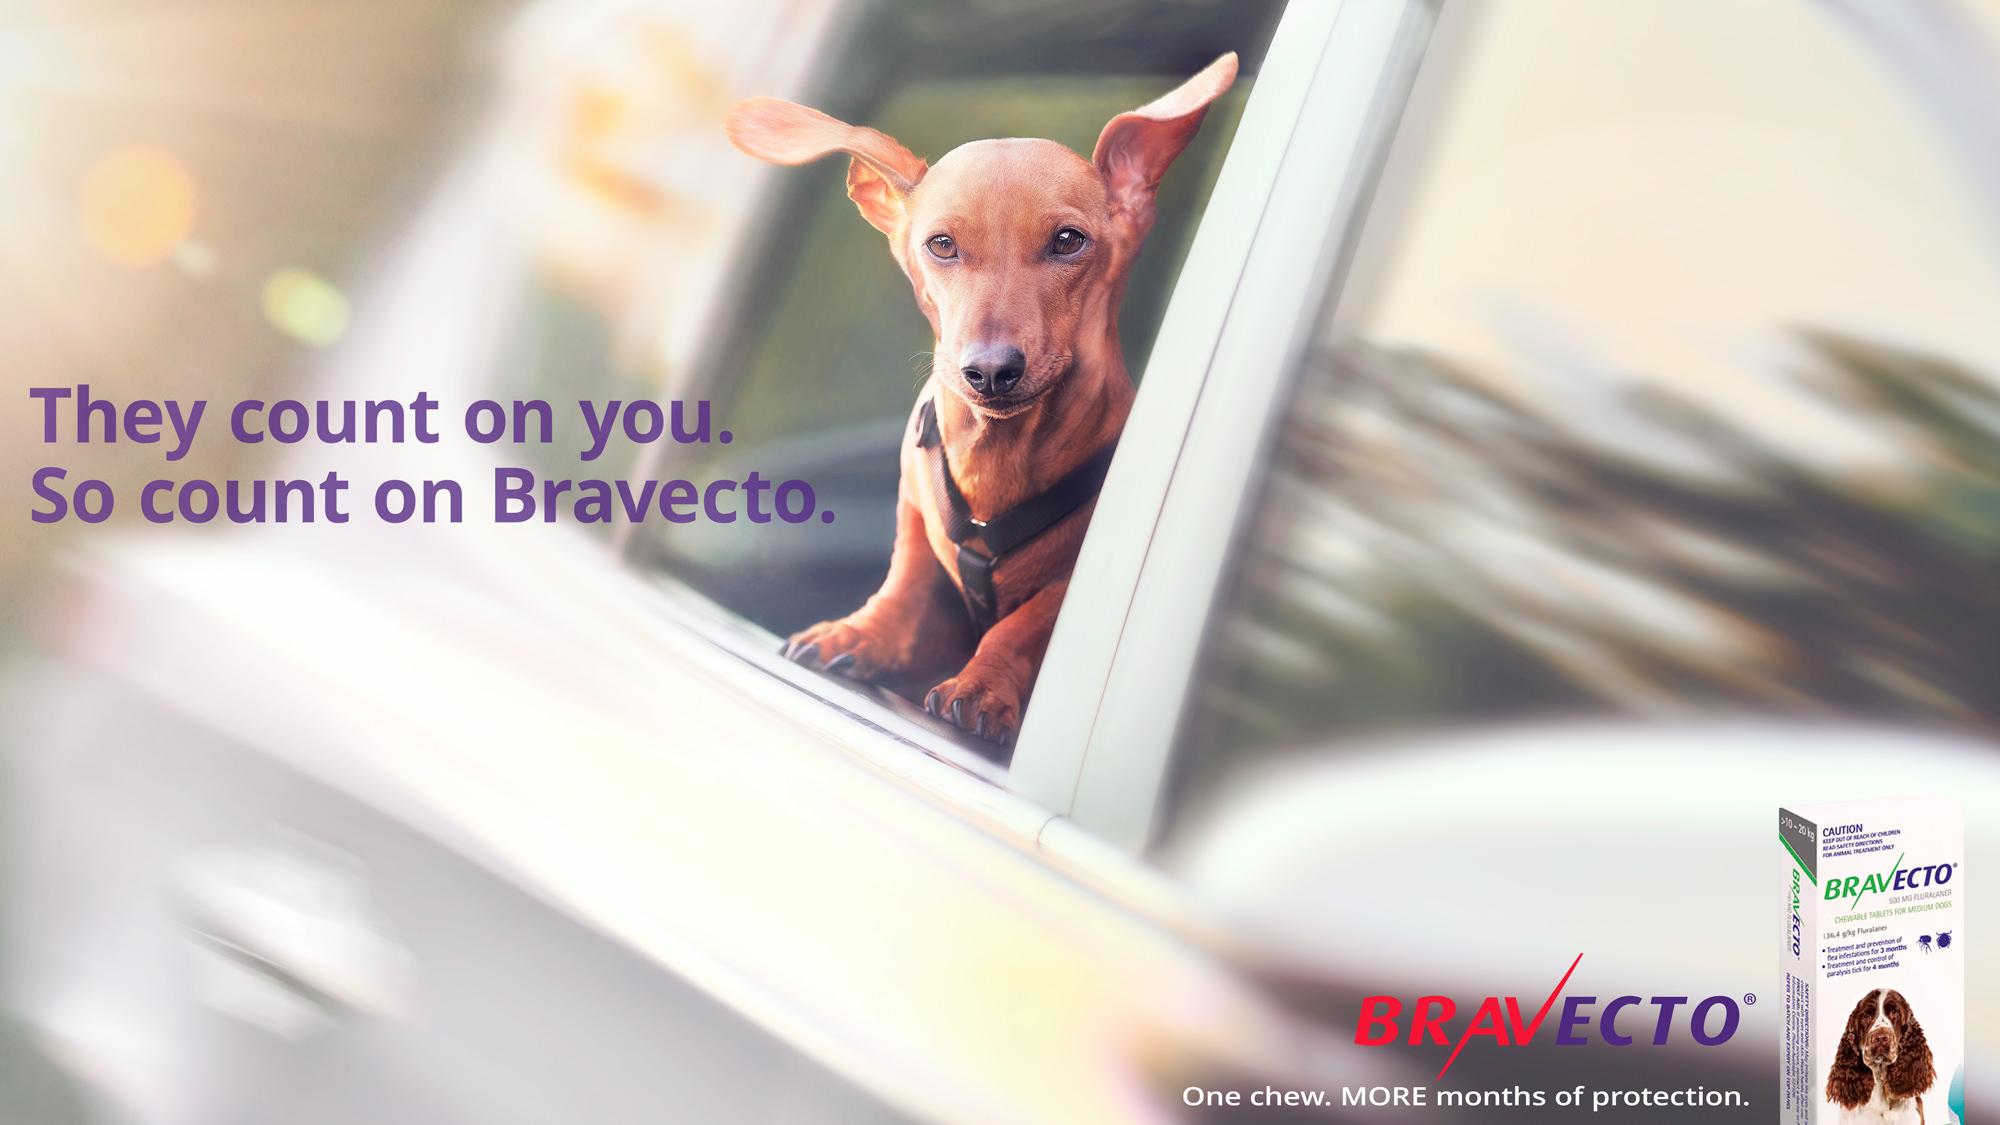 BRAVECTO-BRAND-CAMPAIGN-01-STEPHEN-STEWART.jpg